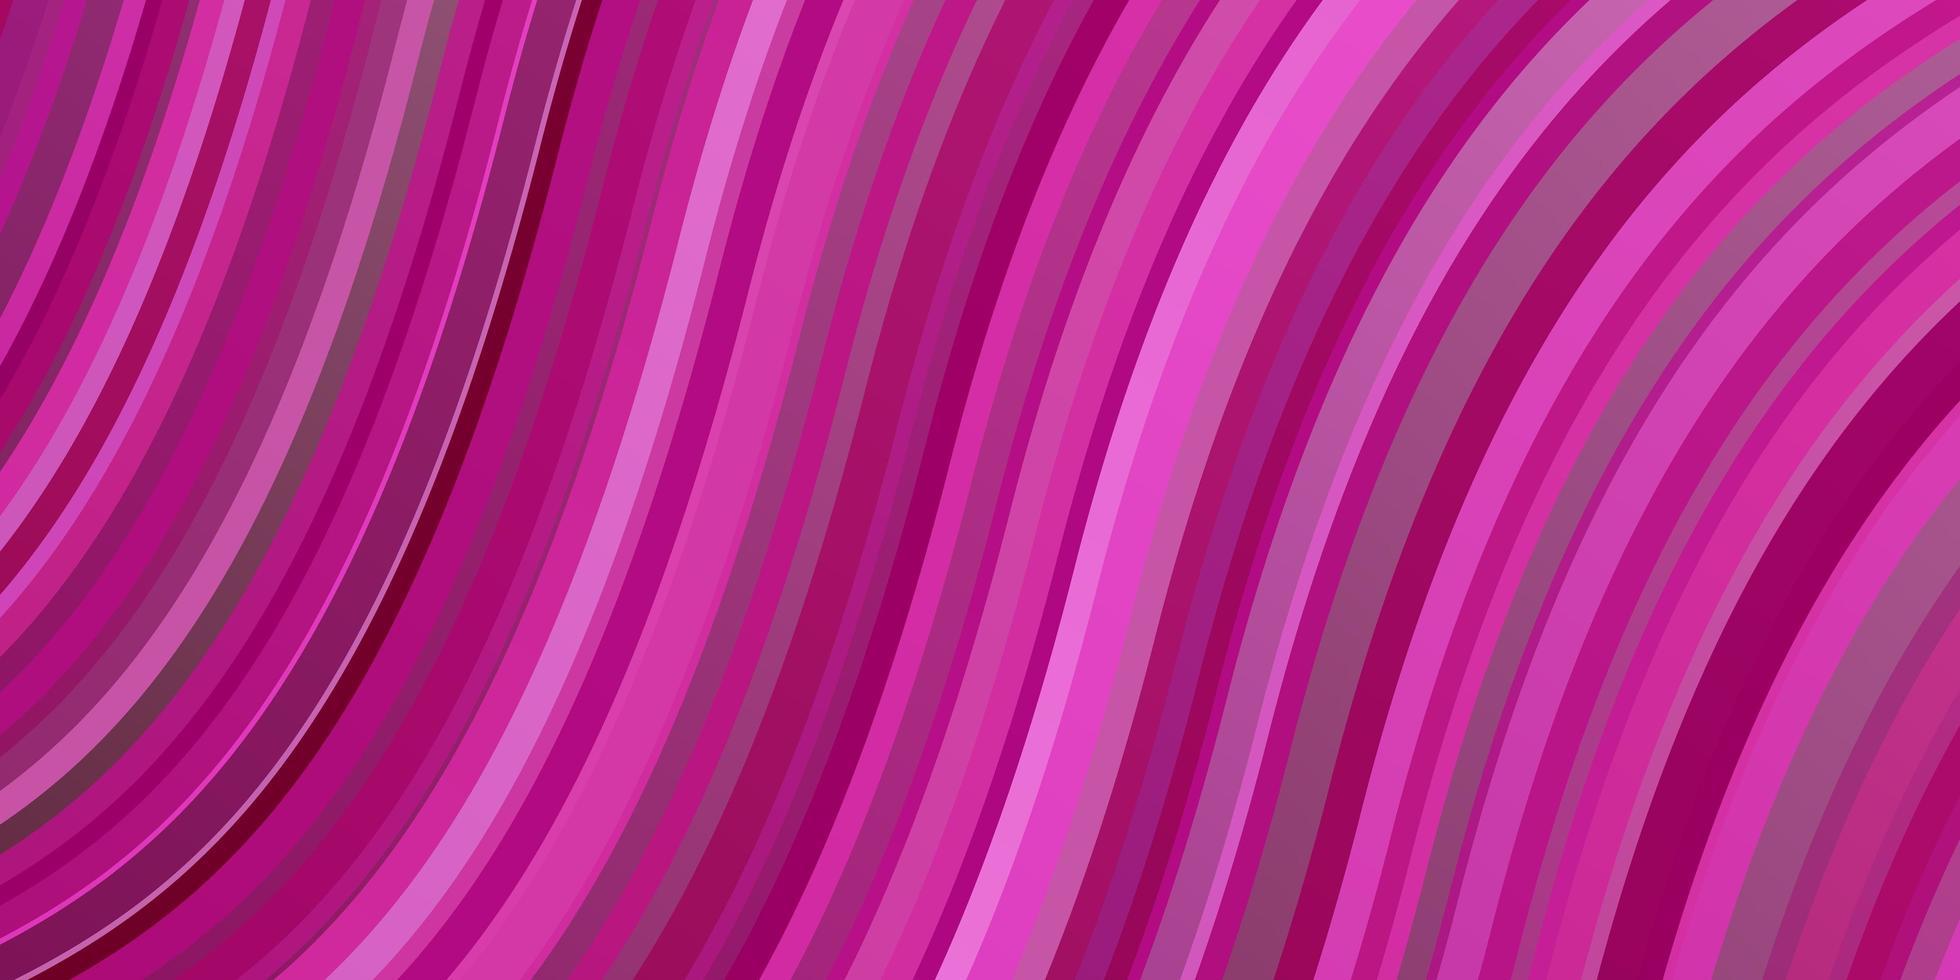 ljusrosa bakgrund med bågar. vektor